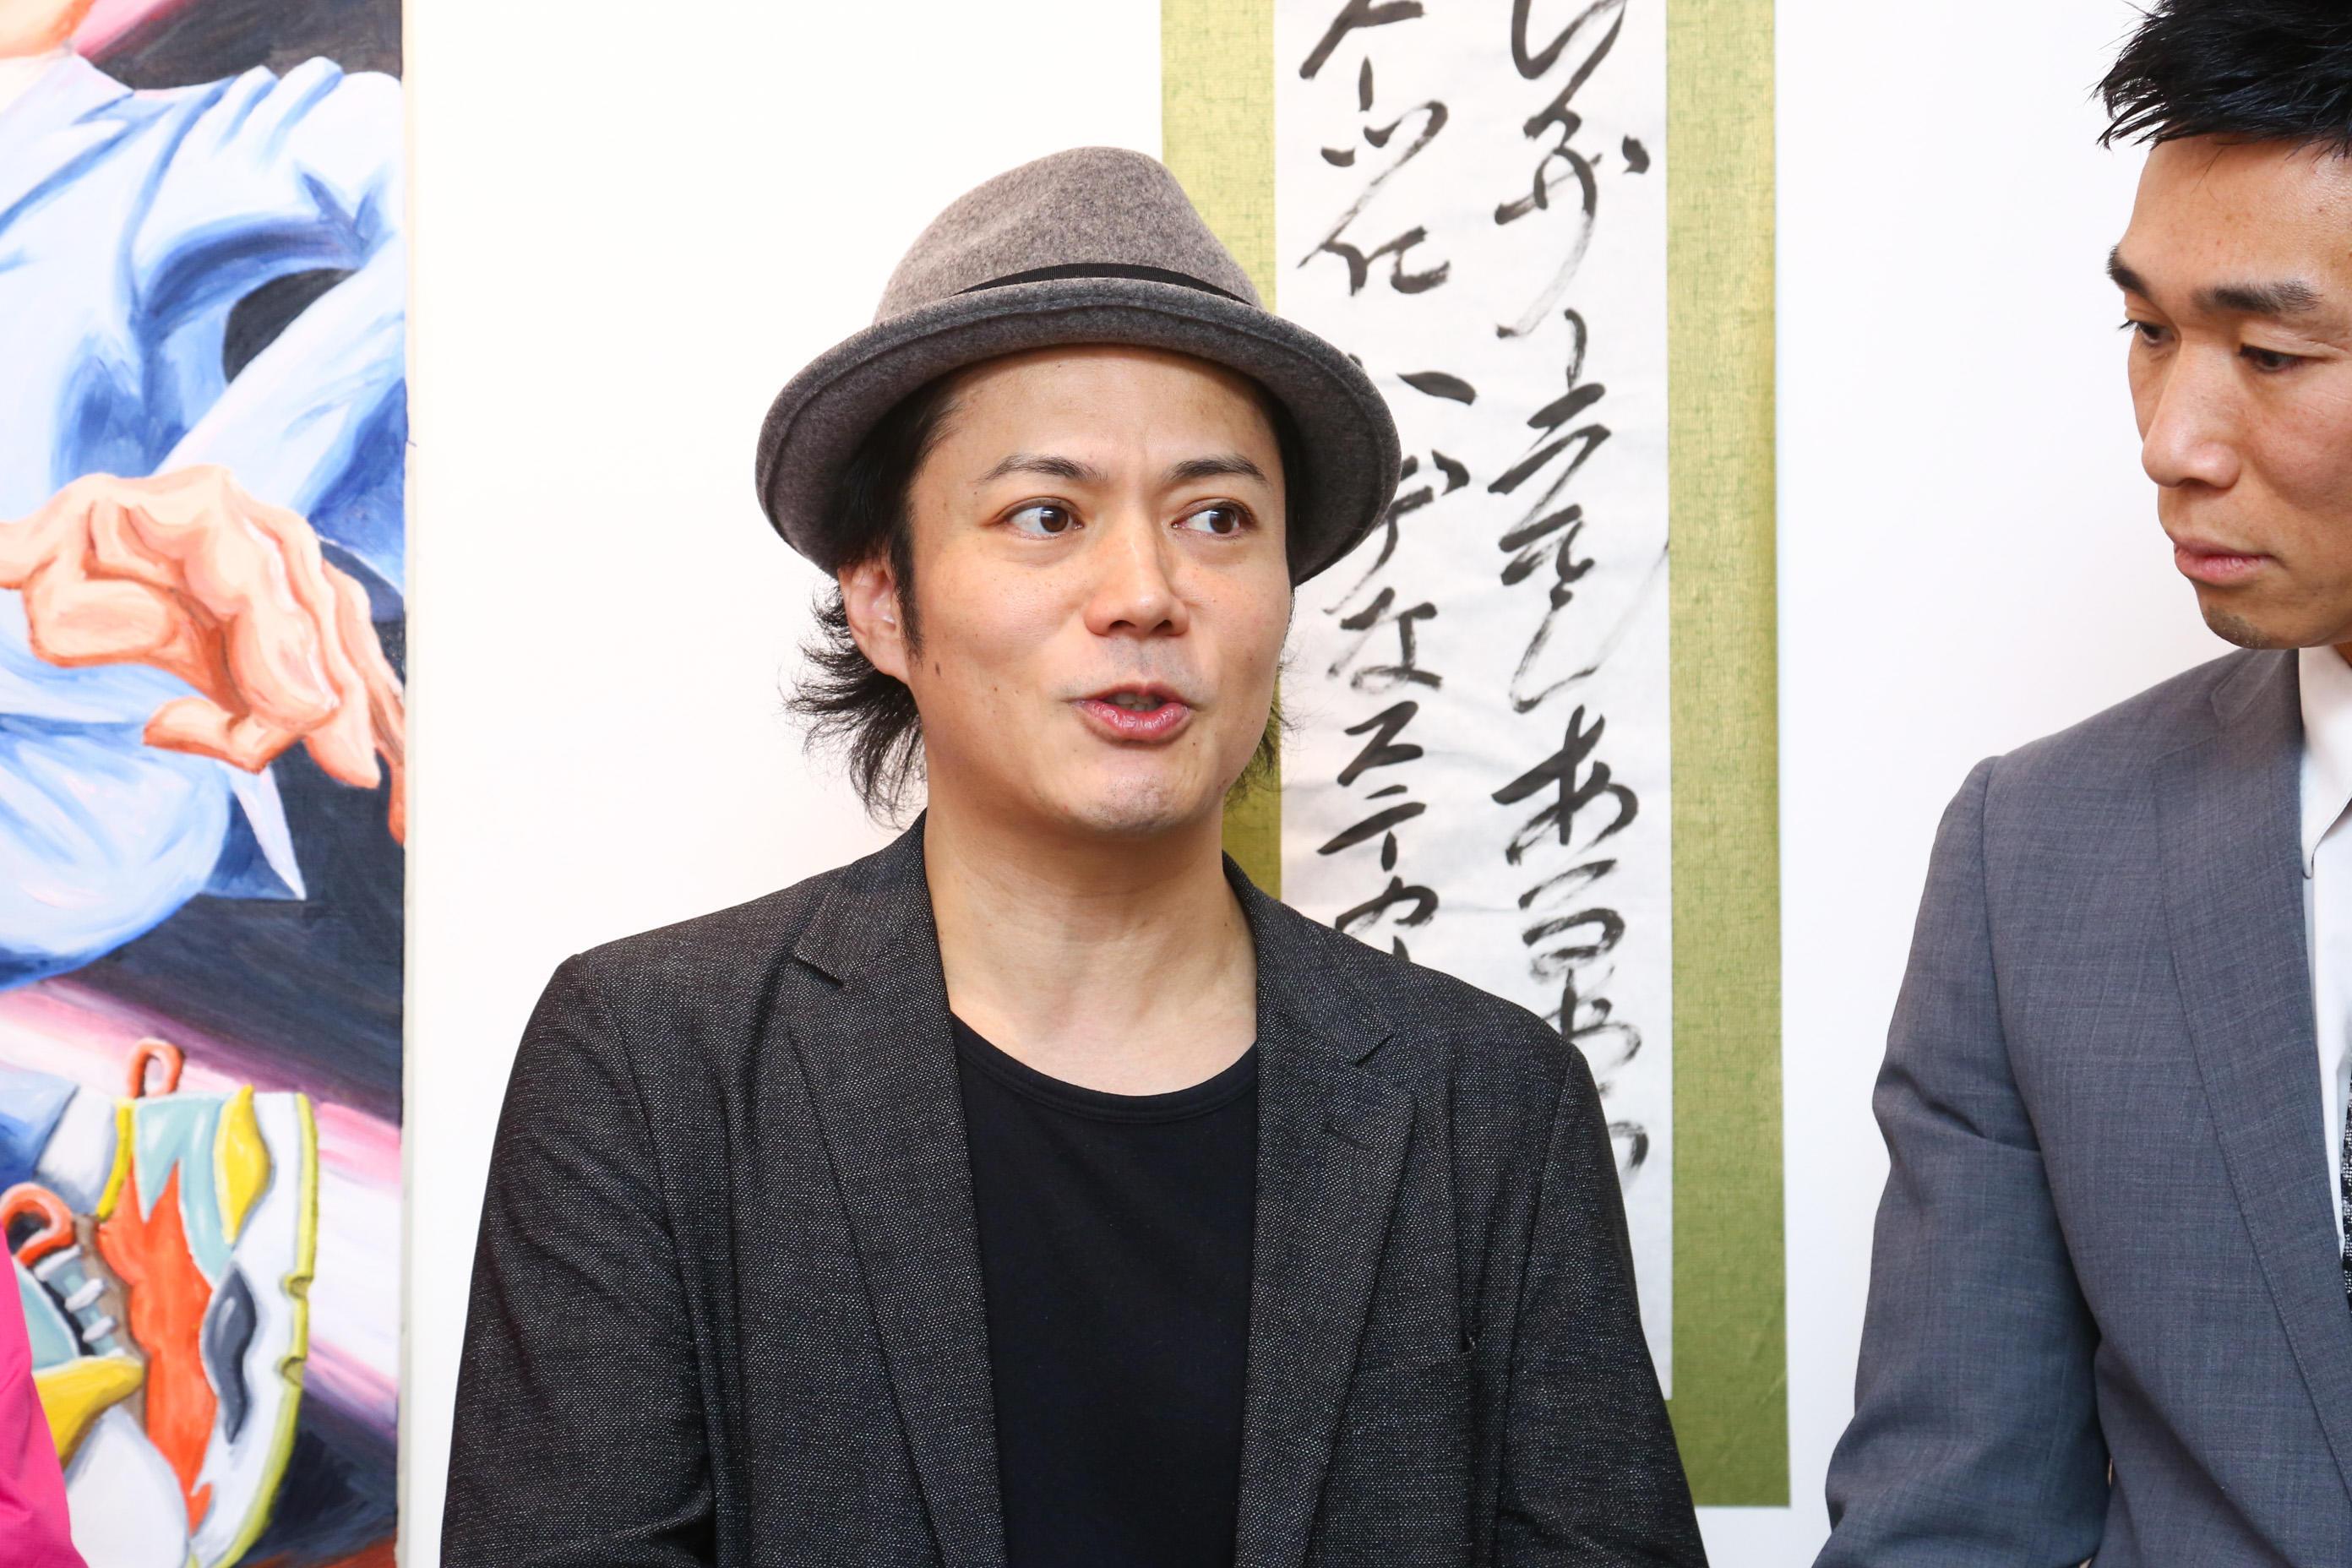 http://news.yoshimoto.co.jp/20190110202638-11891a6a1f5a81c3d8c549b2088f799c5c7183eb.jpg